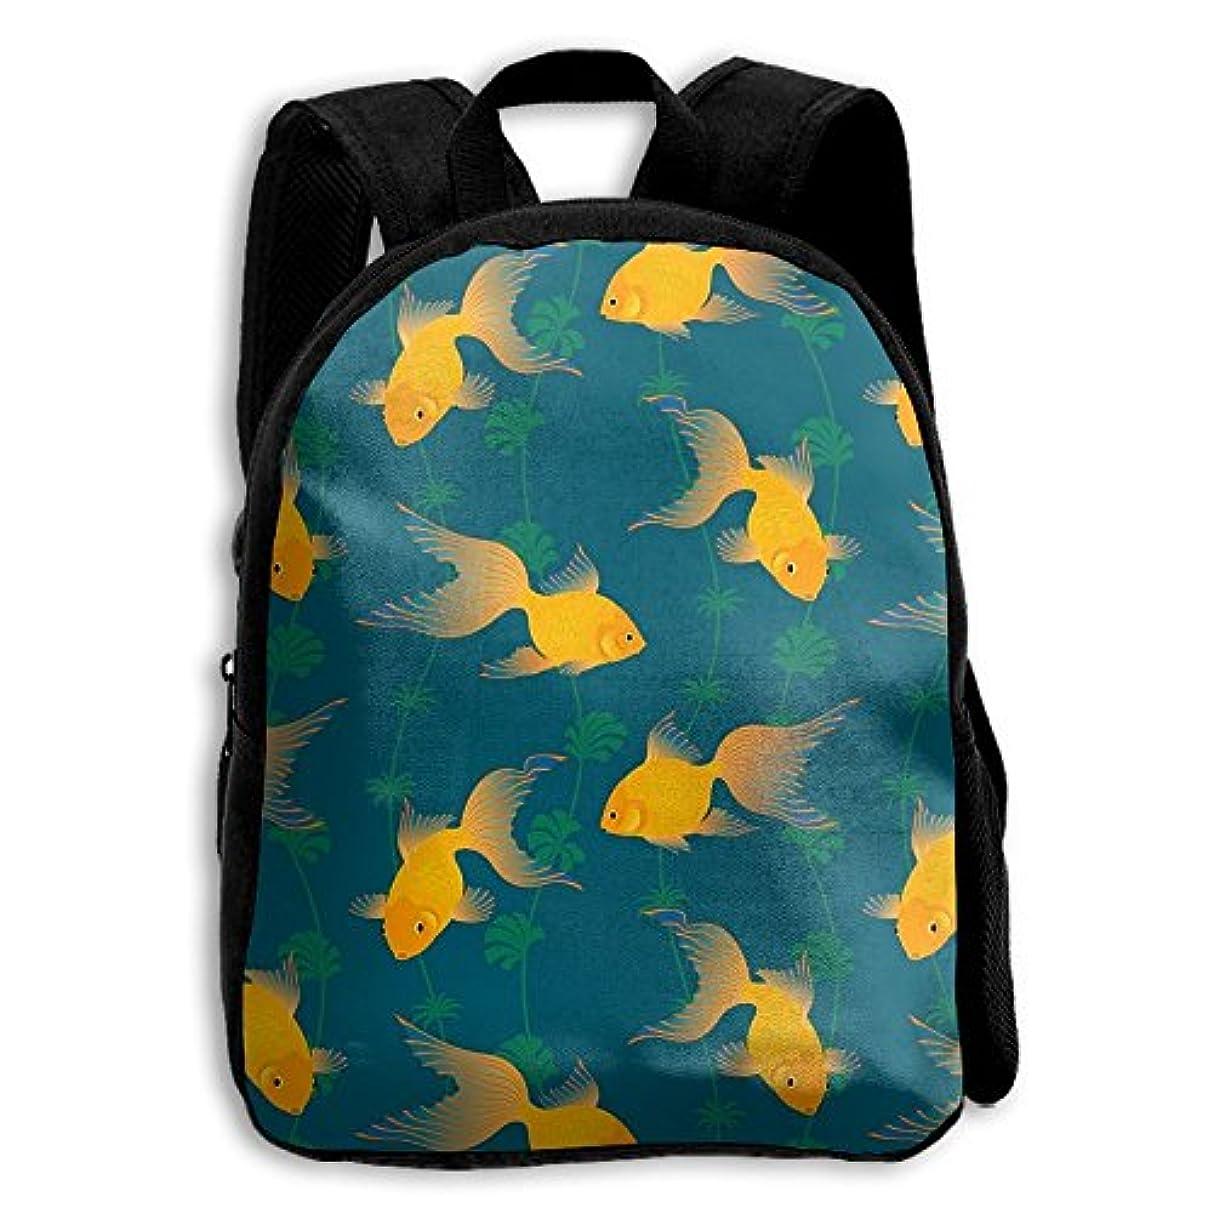 ふりをするあいまいスポンサーキッズ バックパック 子供用 リュックサック 金の魚パターン ショルダー デイパック アウトドア 男の子 女の子 通学 旅行 遠足